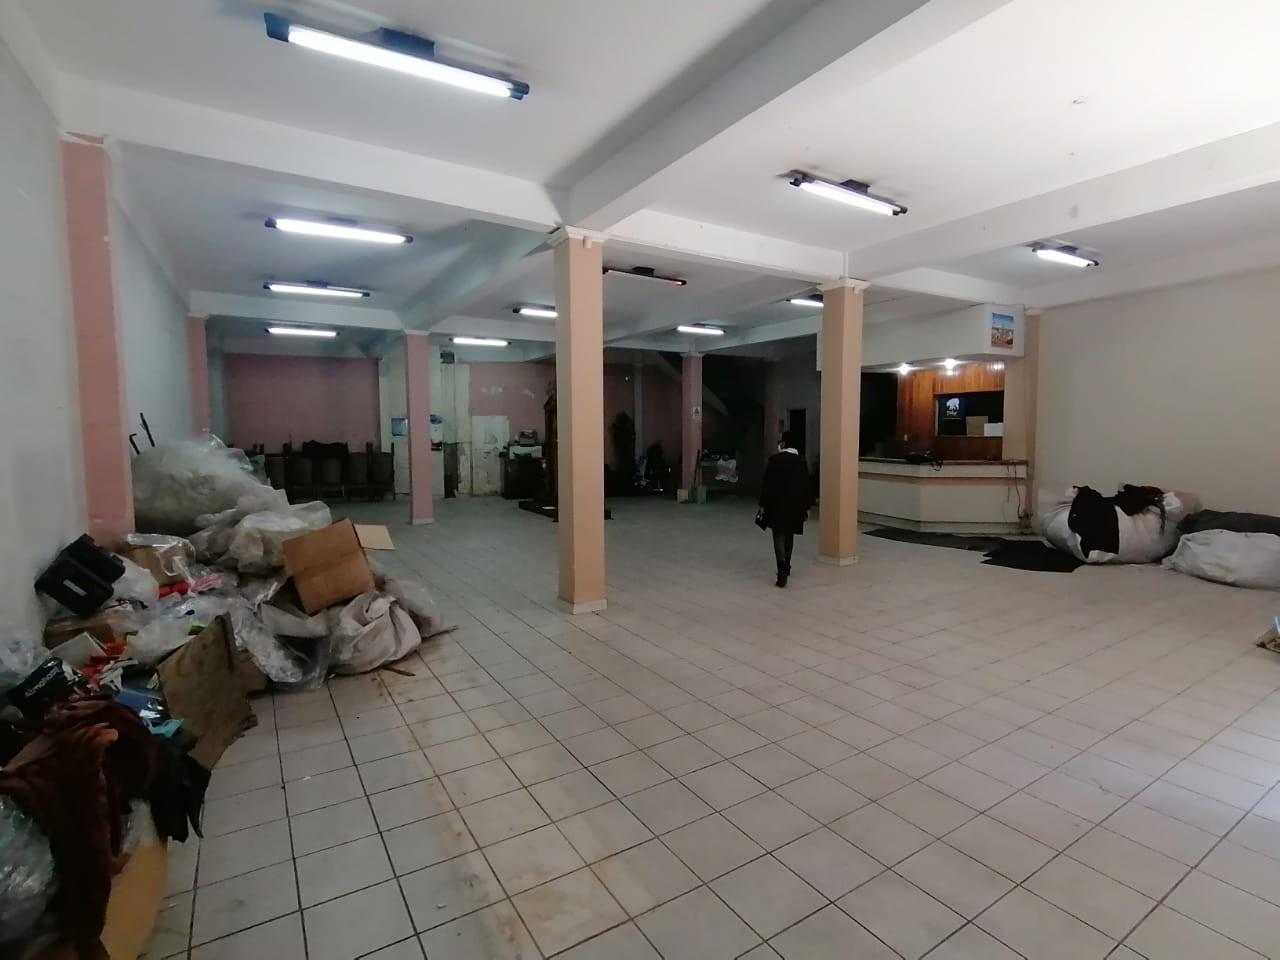 Local comercial en Venta Calle Illampu y Tarija Foto 1